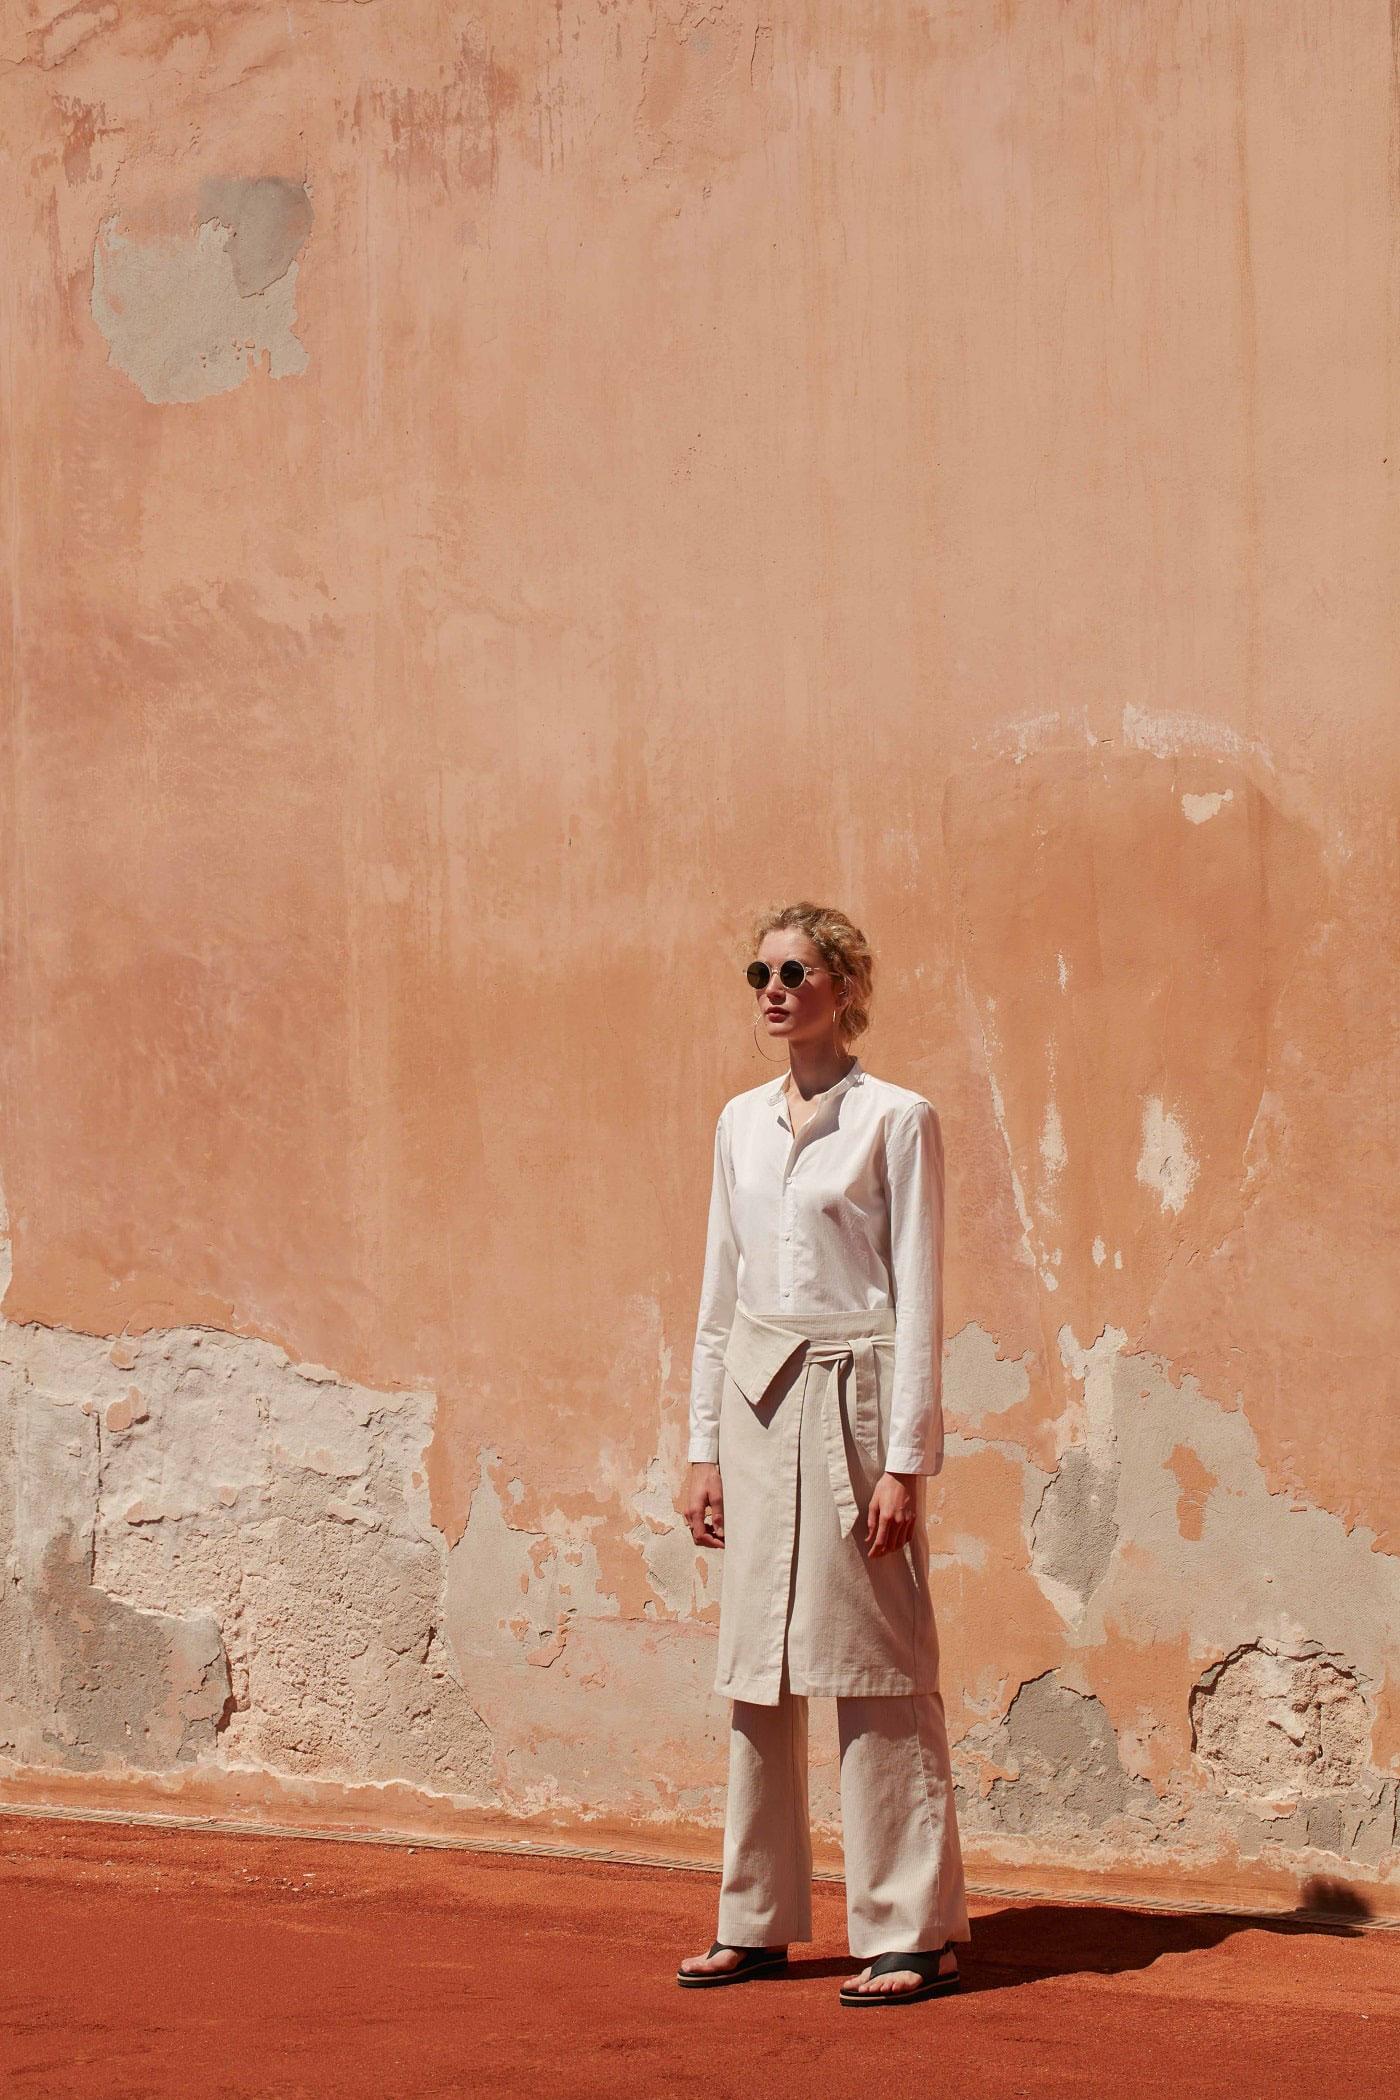 Sommer-Look: beige Kombination aus Rock und Hose zu einer weißen Bluse.